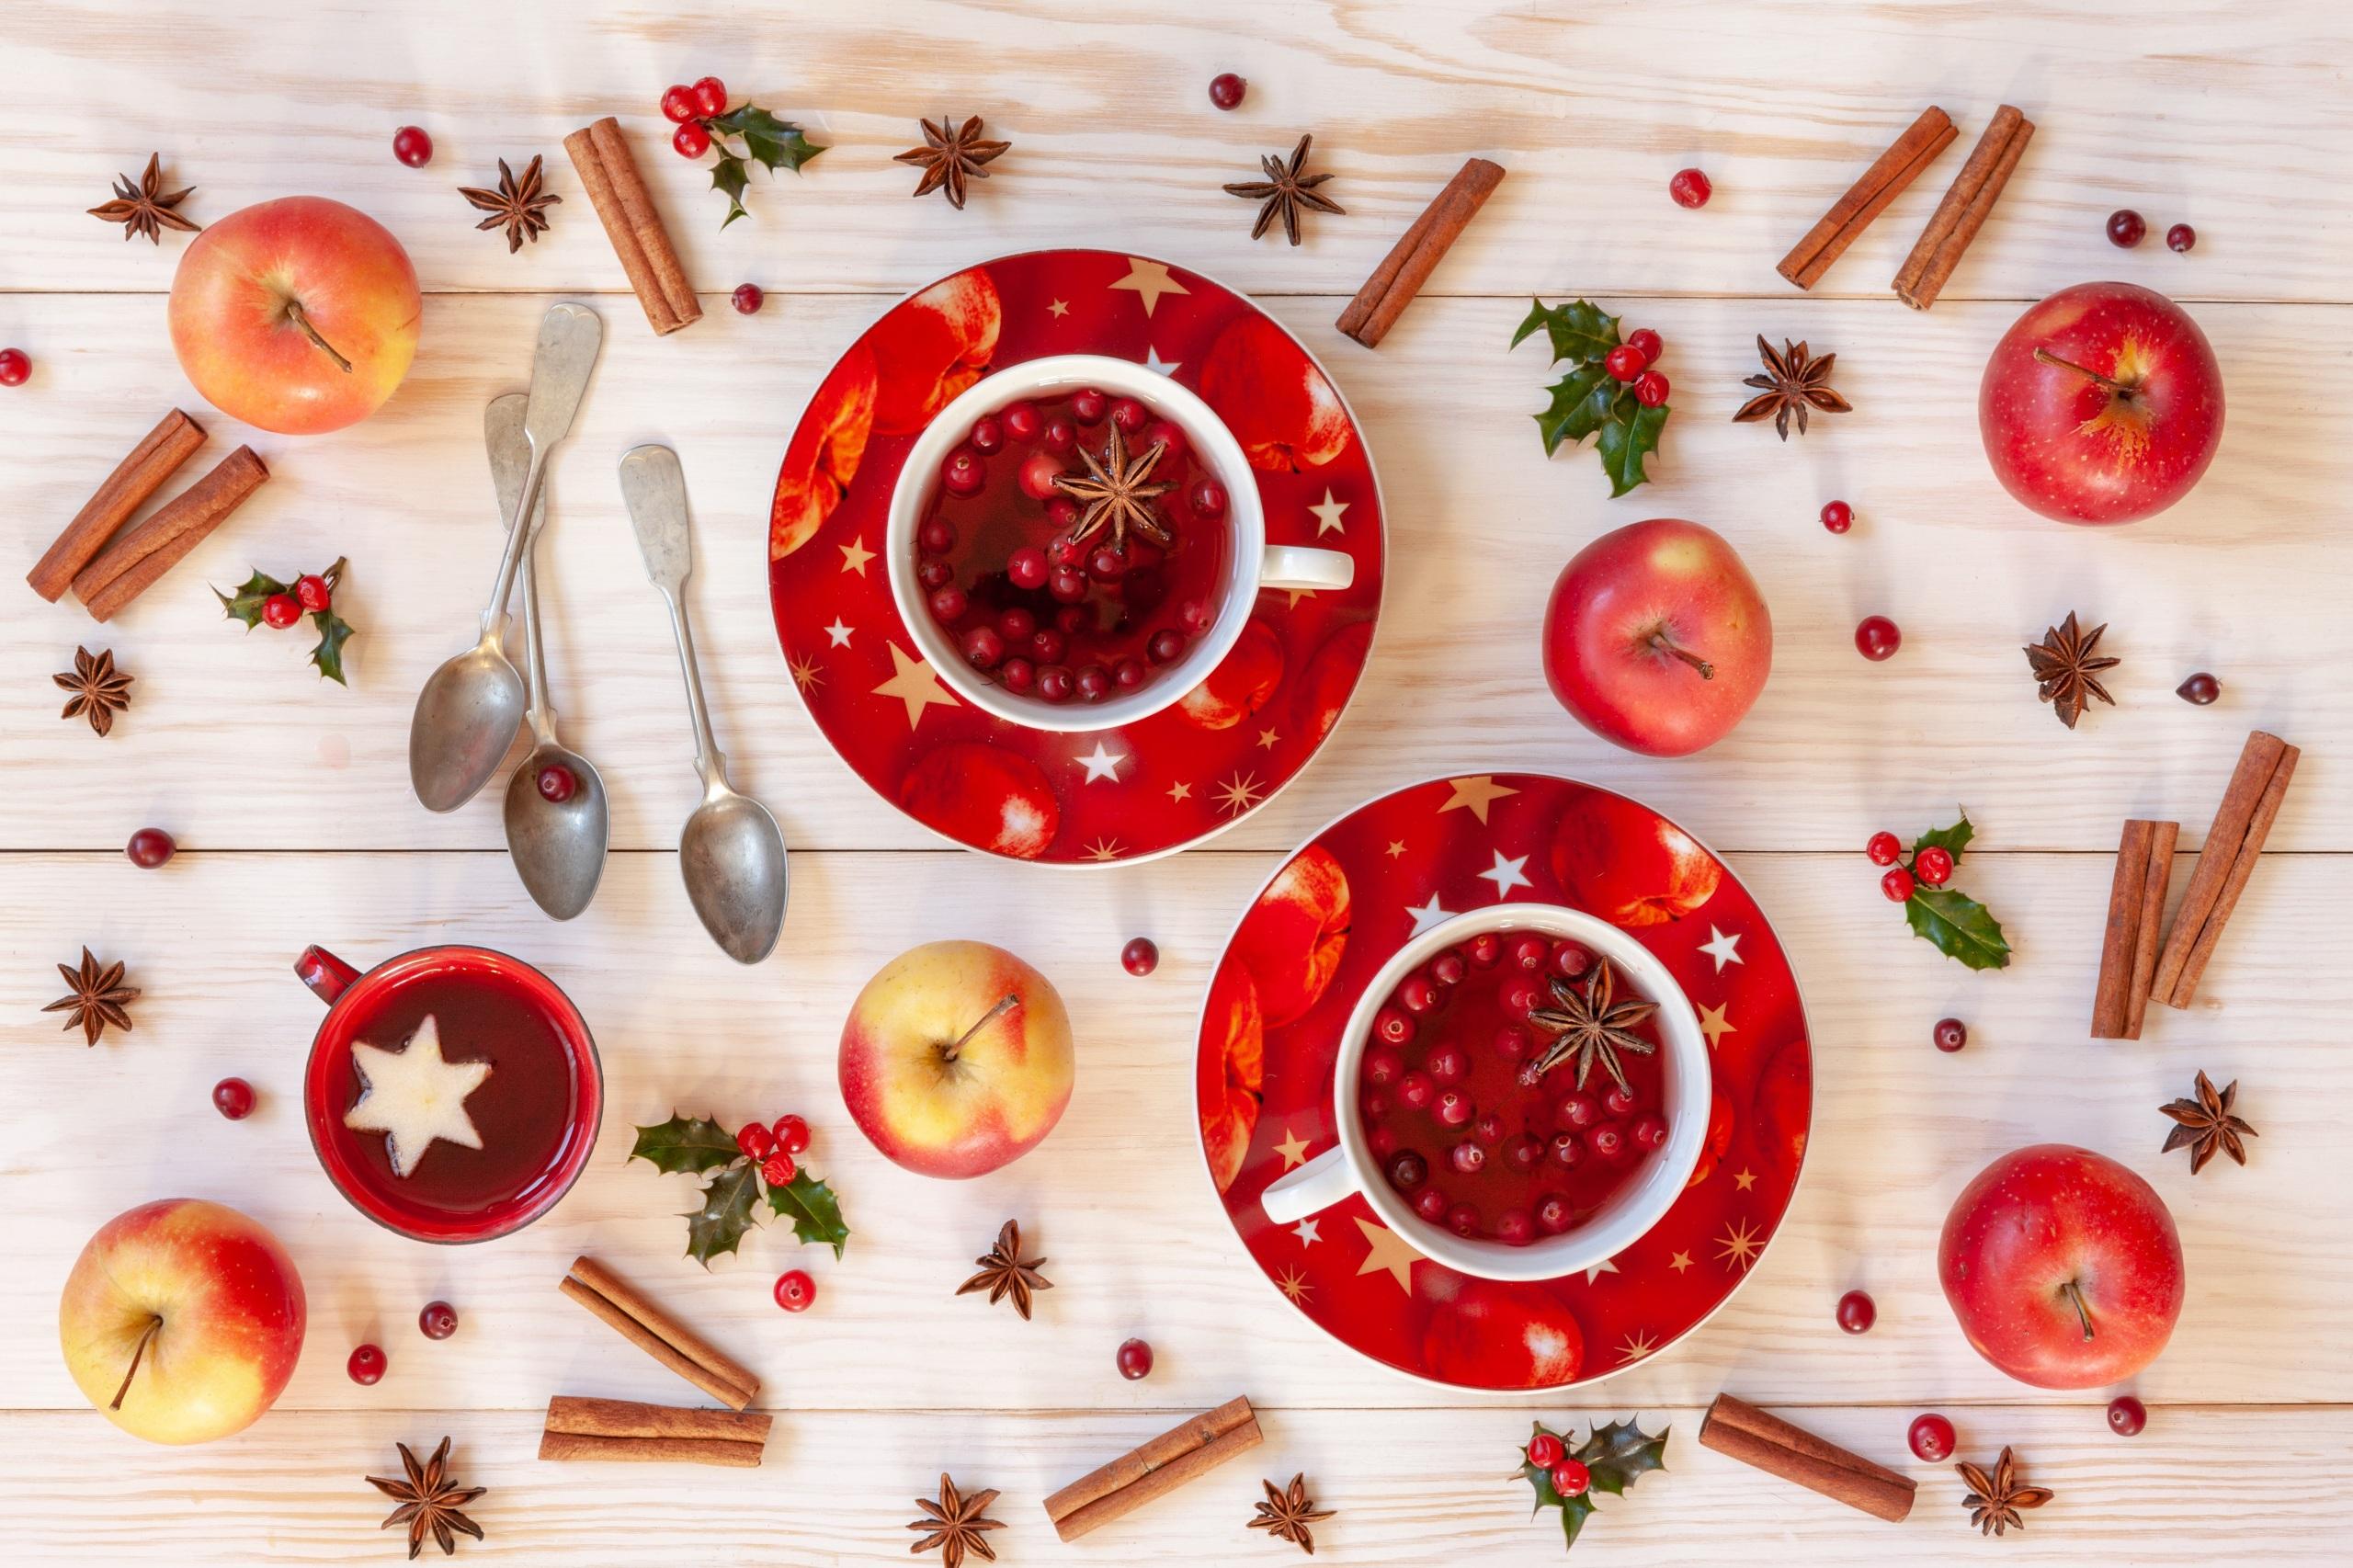 Картинки Рождество Яблоки Корица Пища Ложка чашке блюдца 2560x1706 Новый год Еда Чашка ложки Блюдце Продукты питания